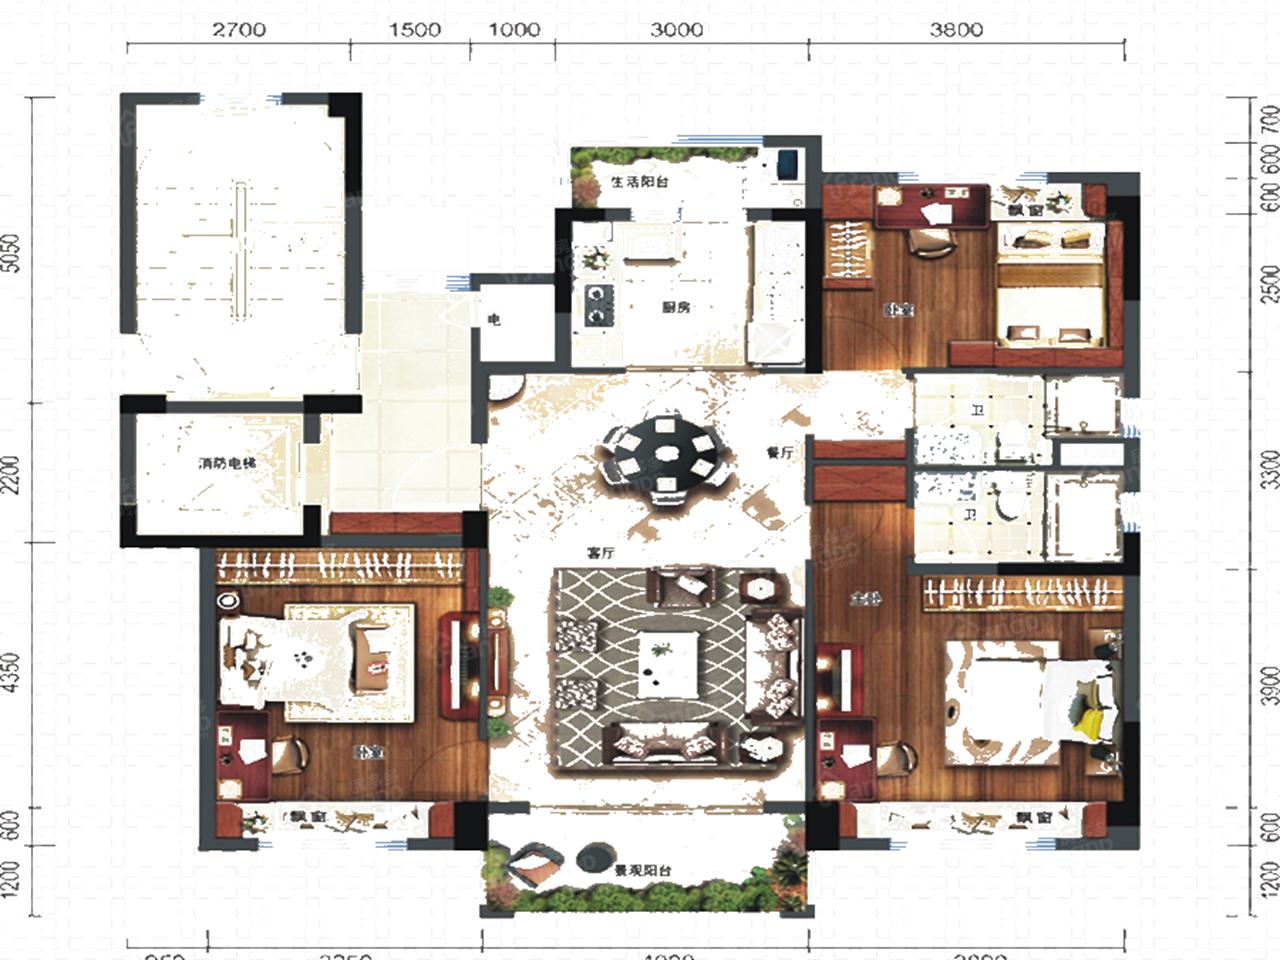 碧桂园西南上城3室2厅2卫户型图